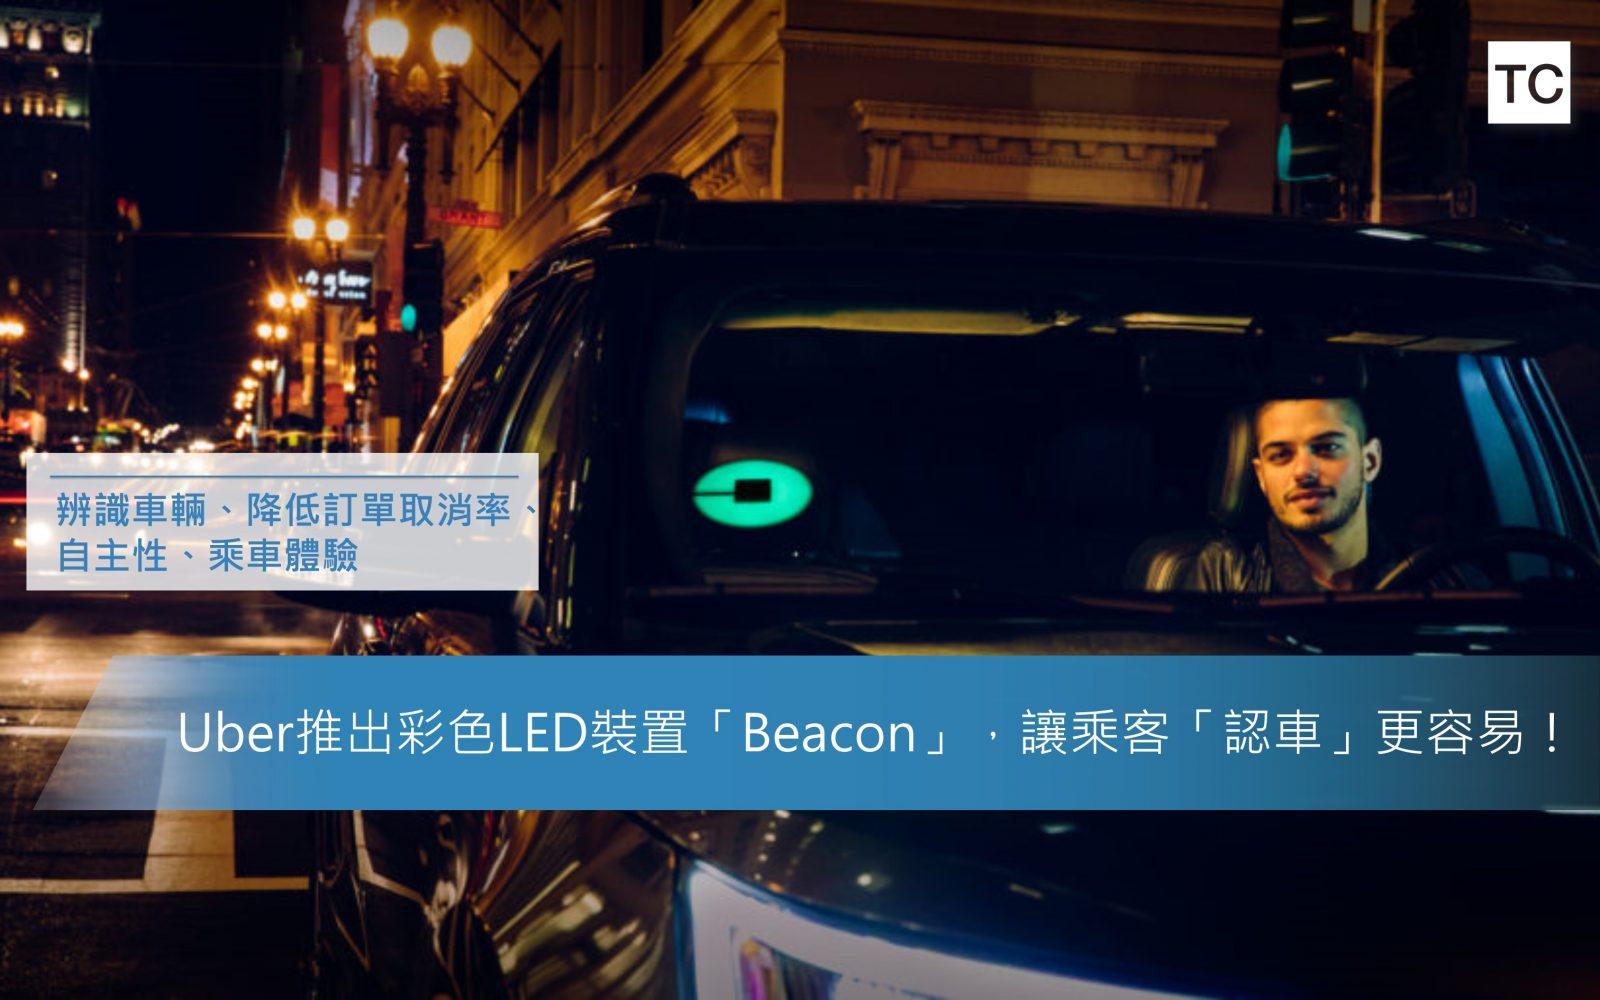 Uber推出彩色LED裝置「Beacon」,讓乘客「認車」更容易!